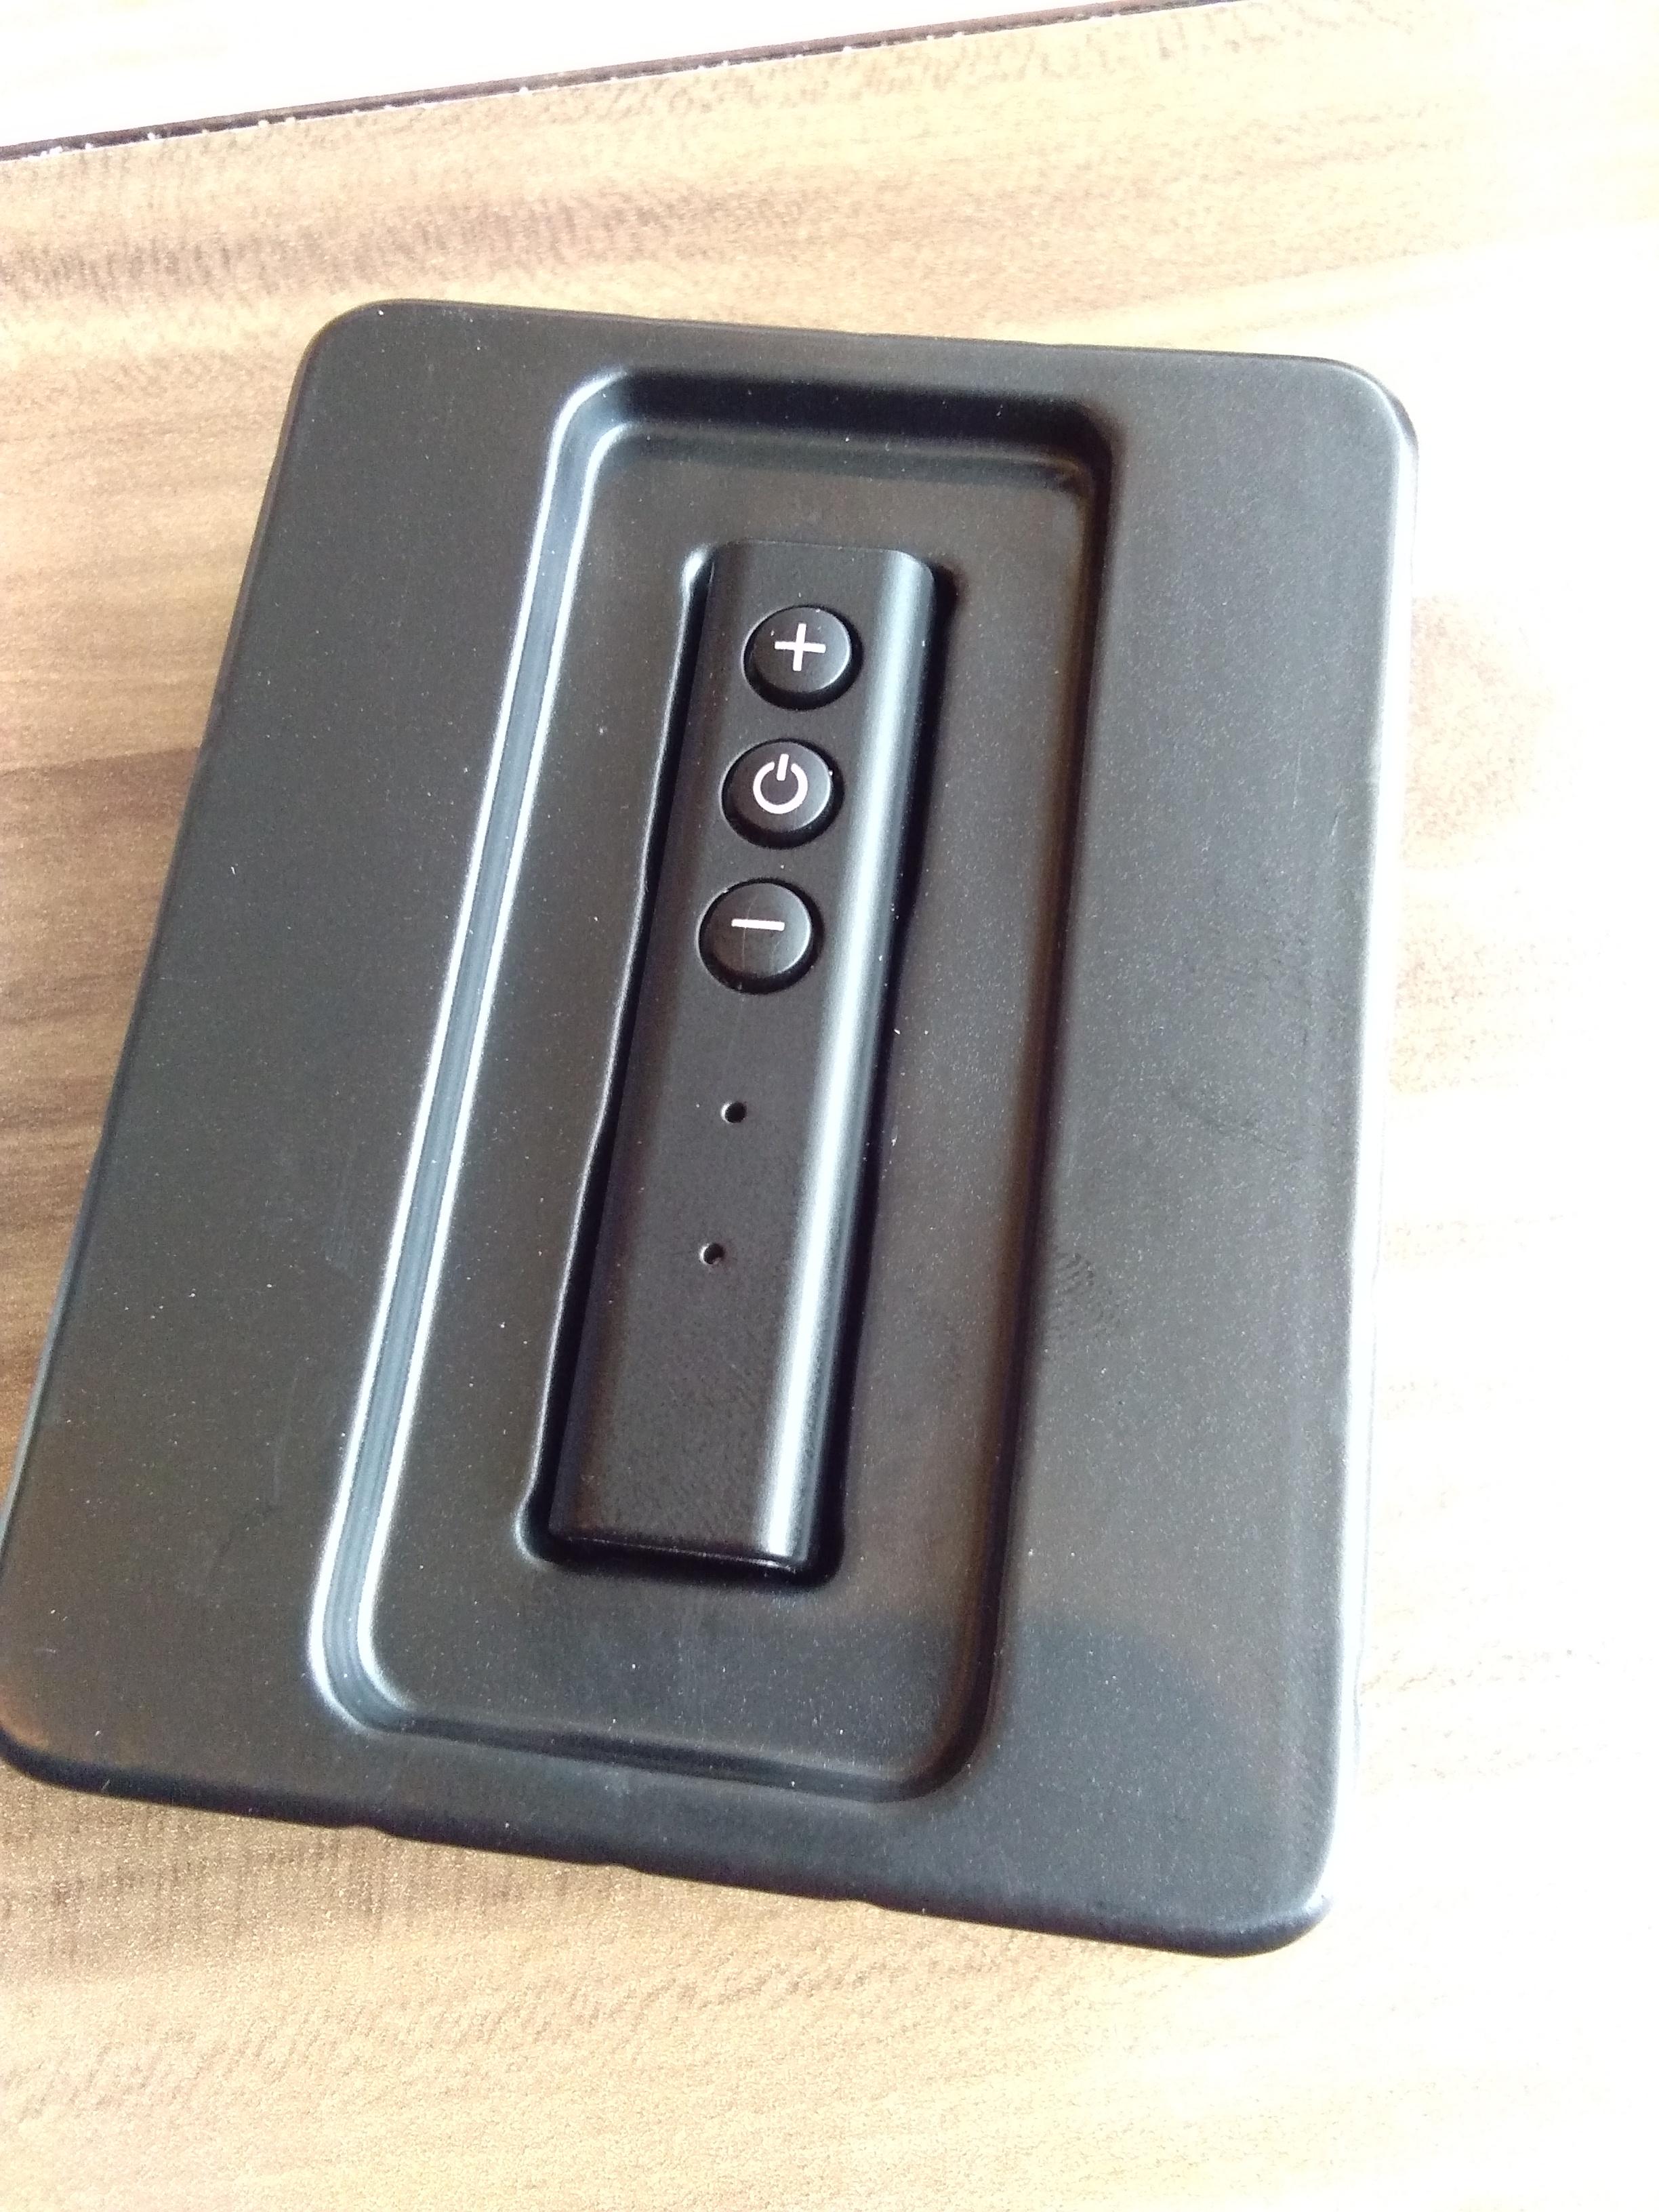 แปลงหูฟังธรรมดาให้เป็นหูฟัง บูลทูธ ใช้ Clip Music Reciver